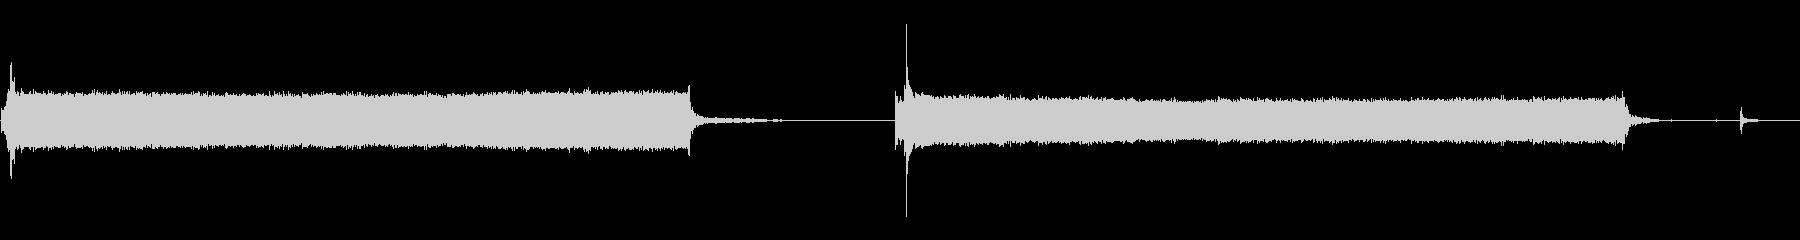 電気表彰台モーター:上げ下げ、クロ...の未再生の波形